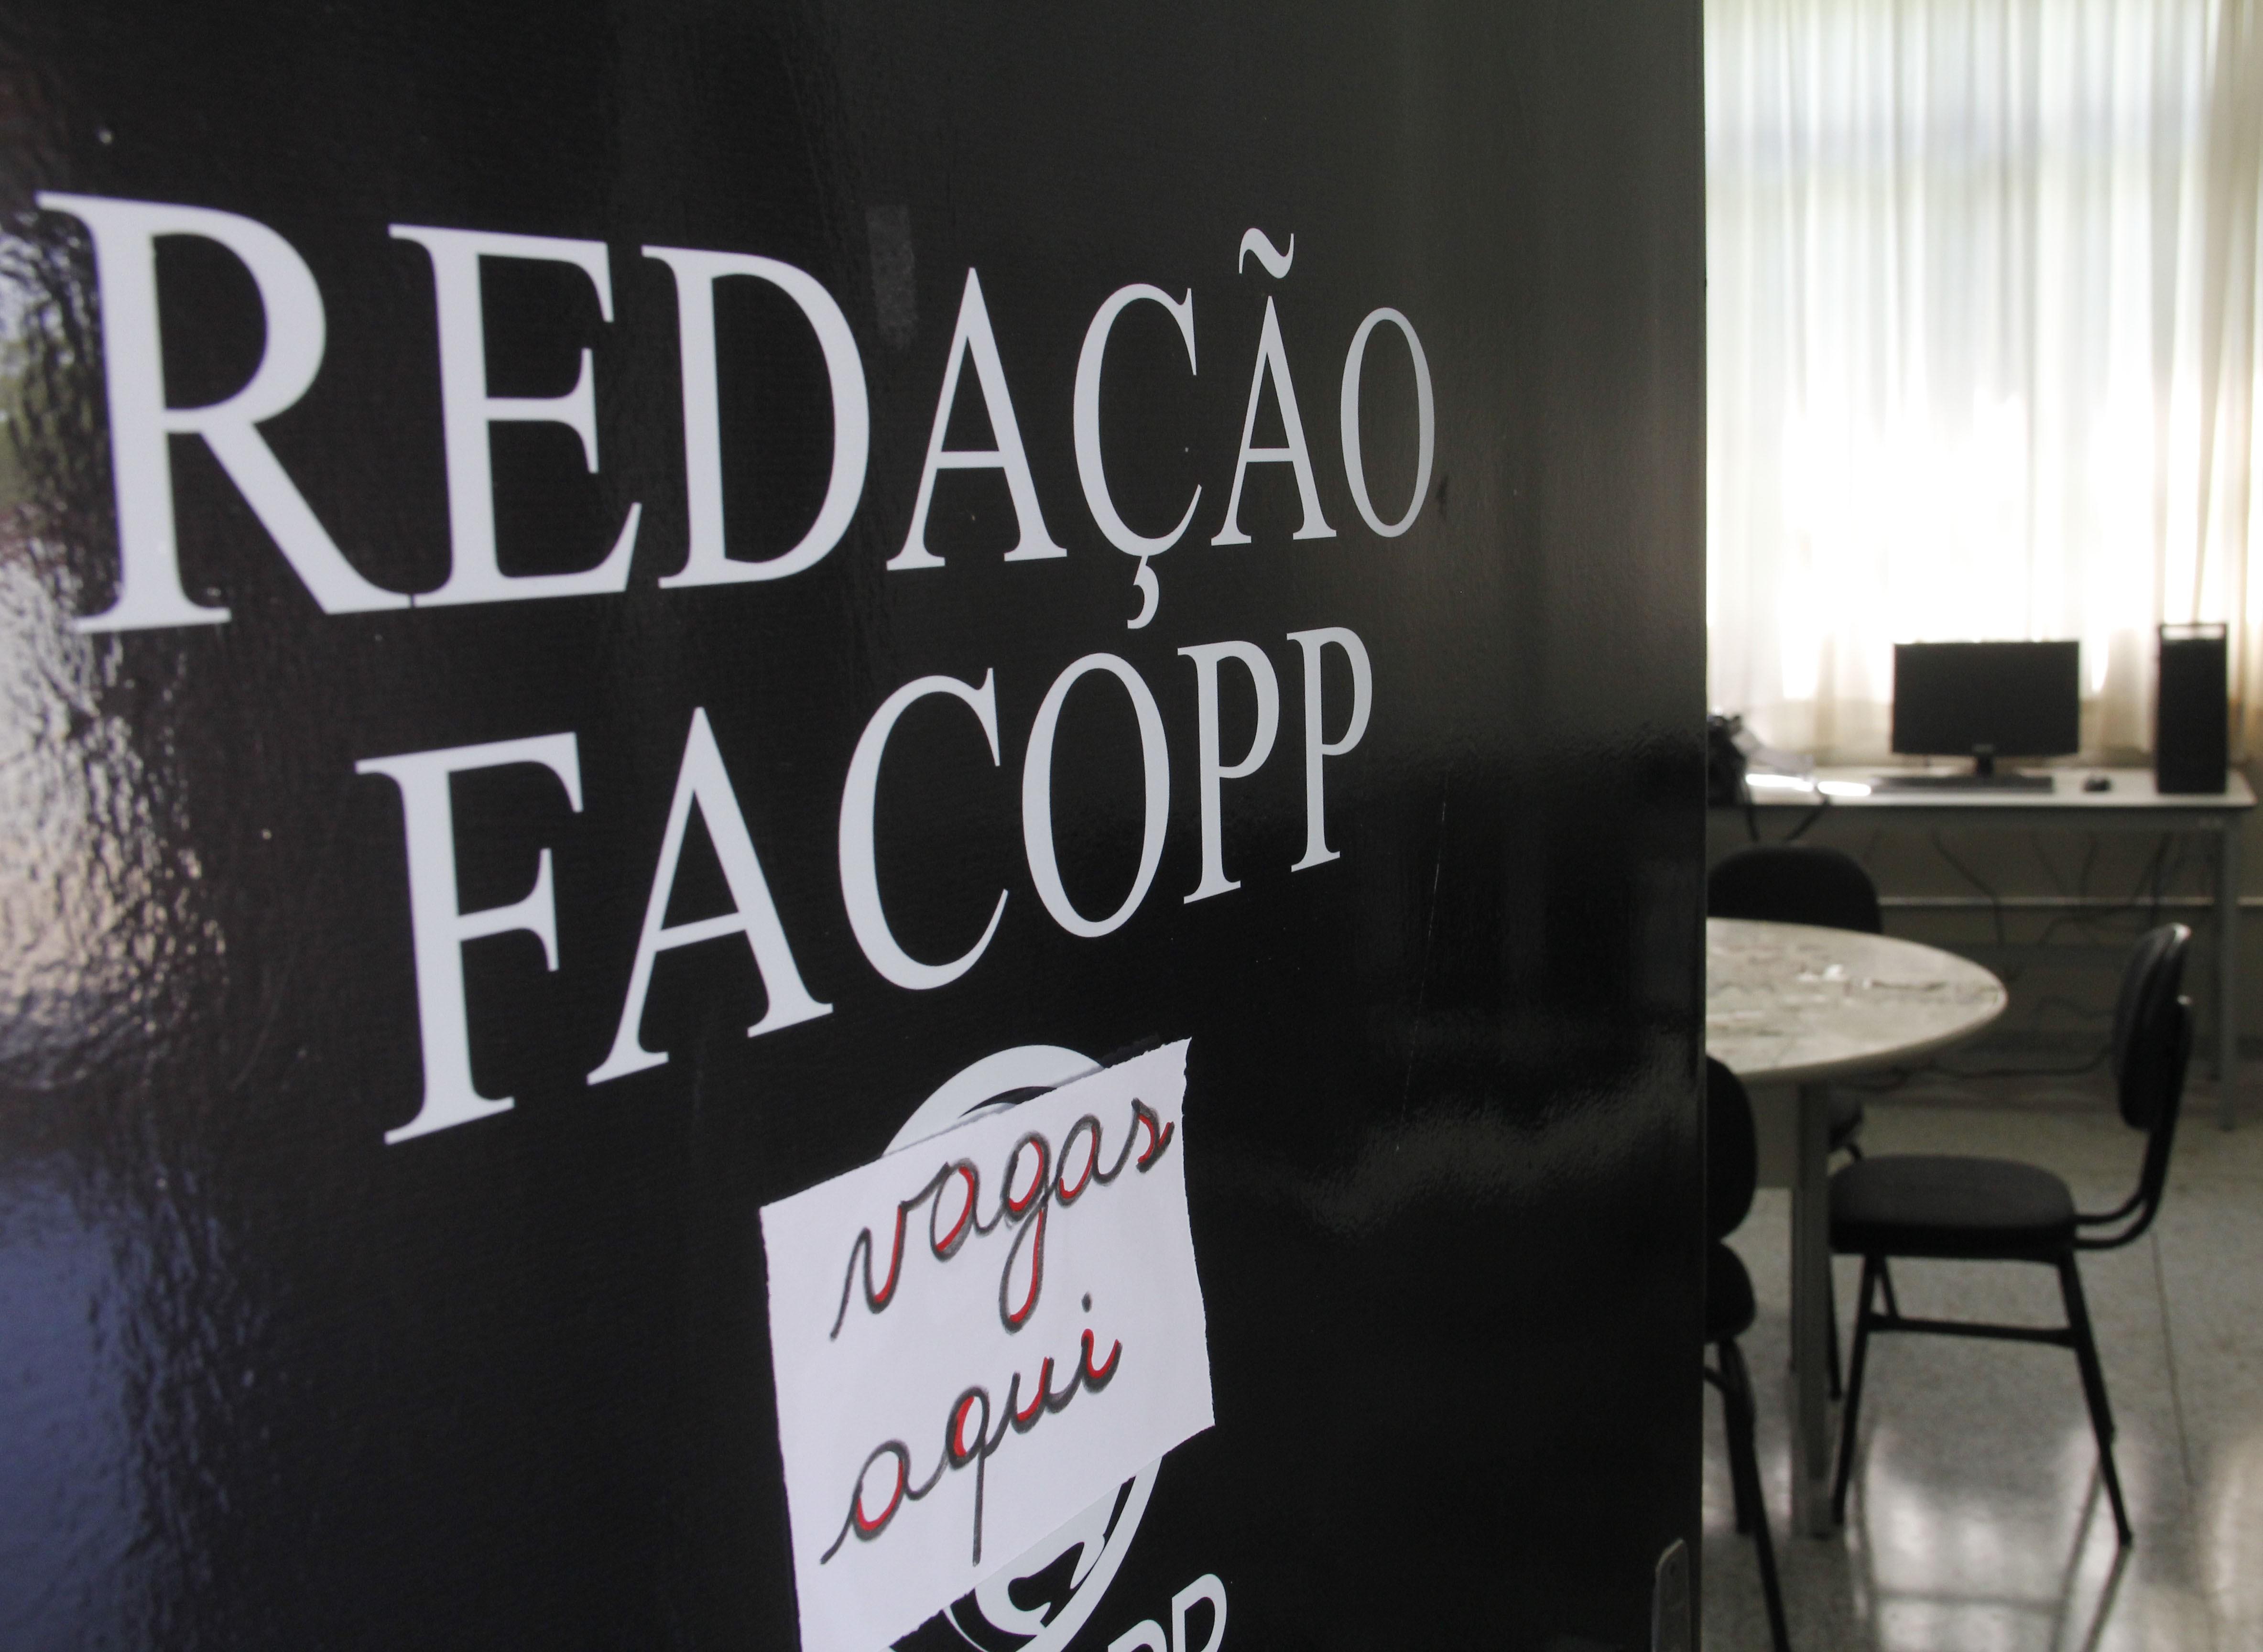 Portal Facopp abre vagas de estágio para o semestre